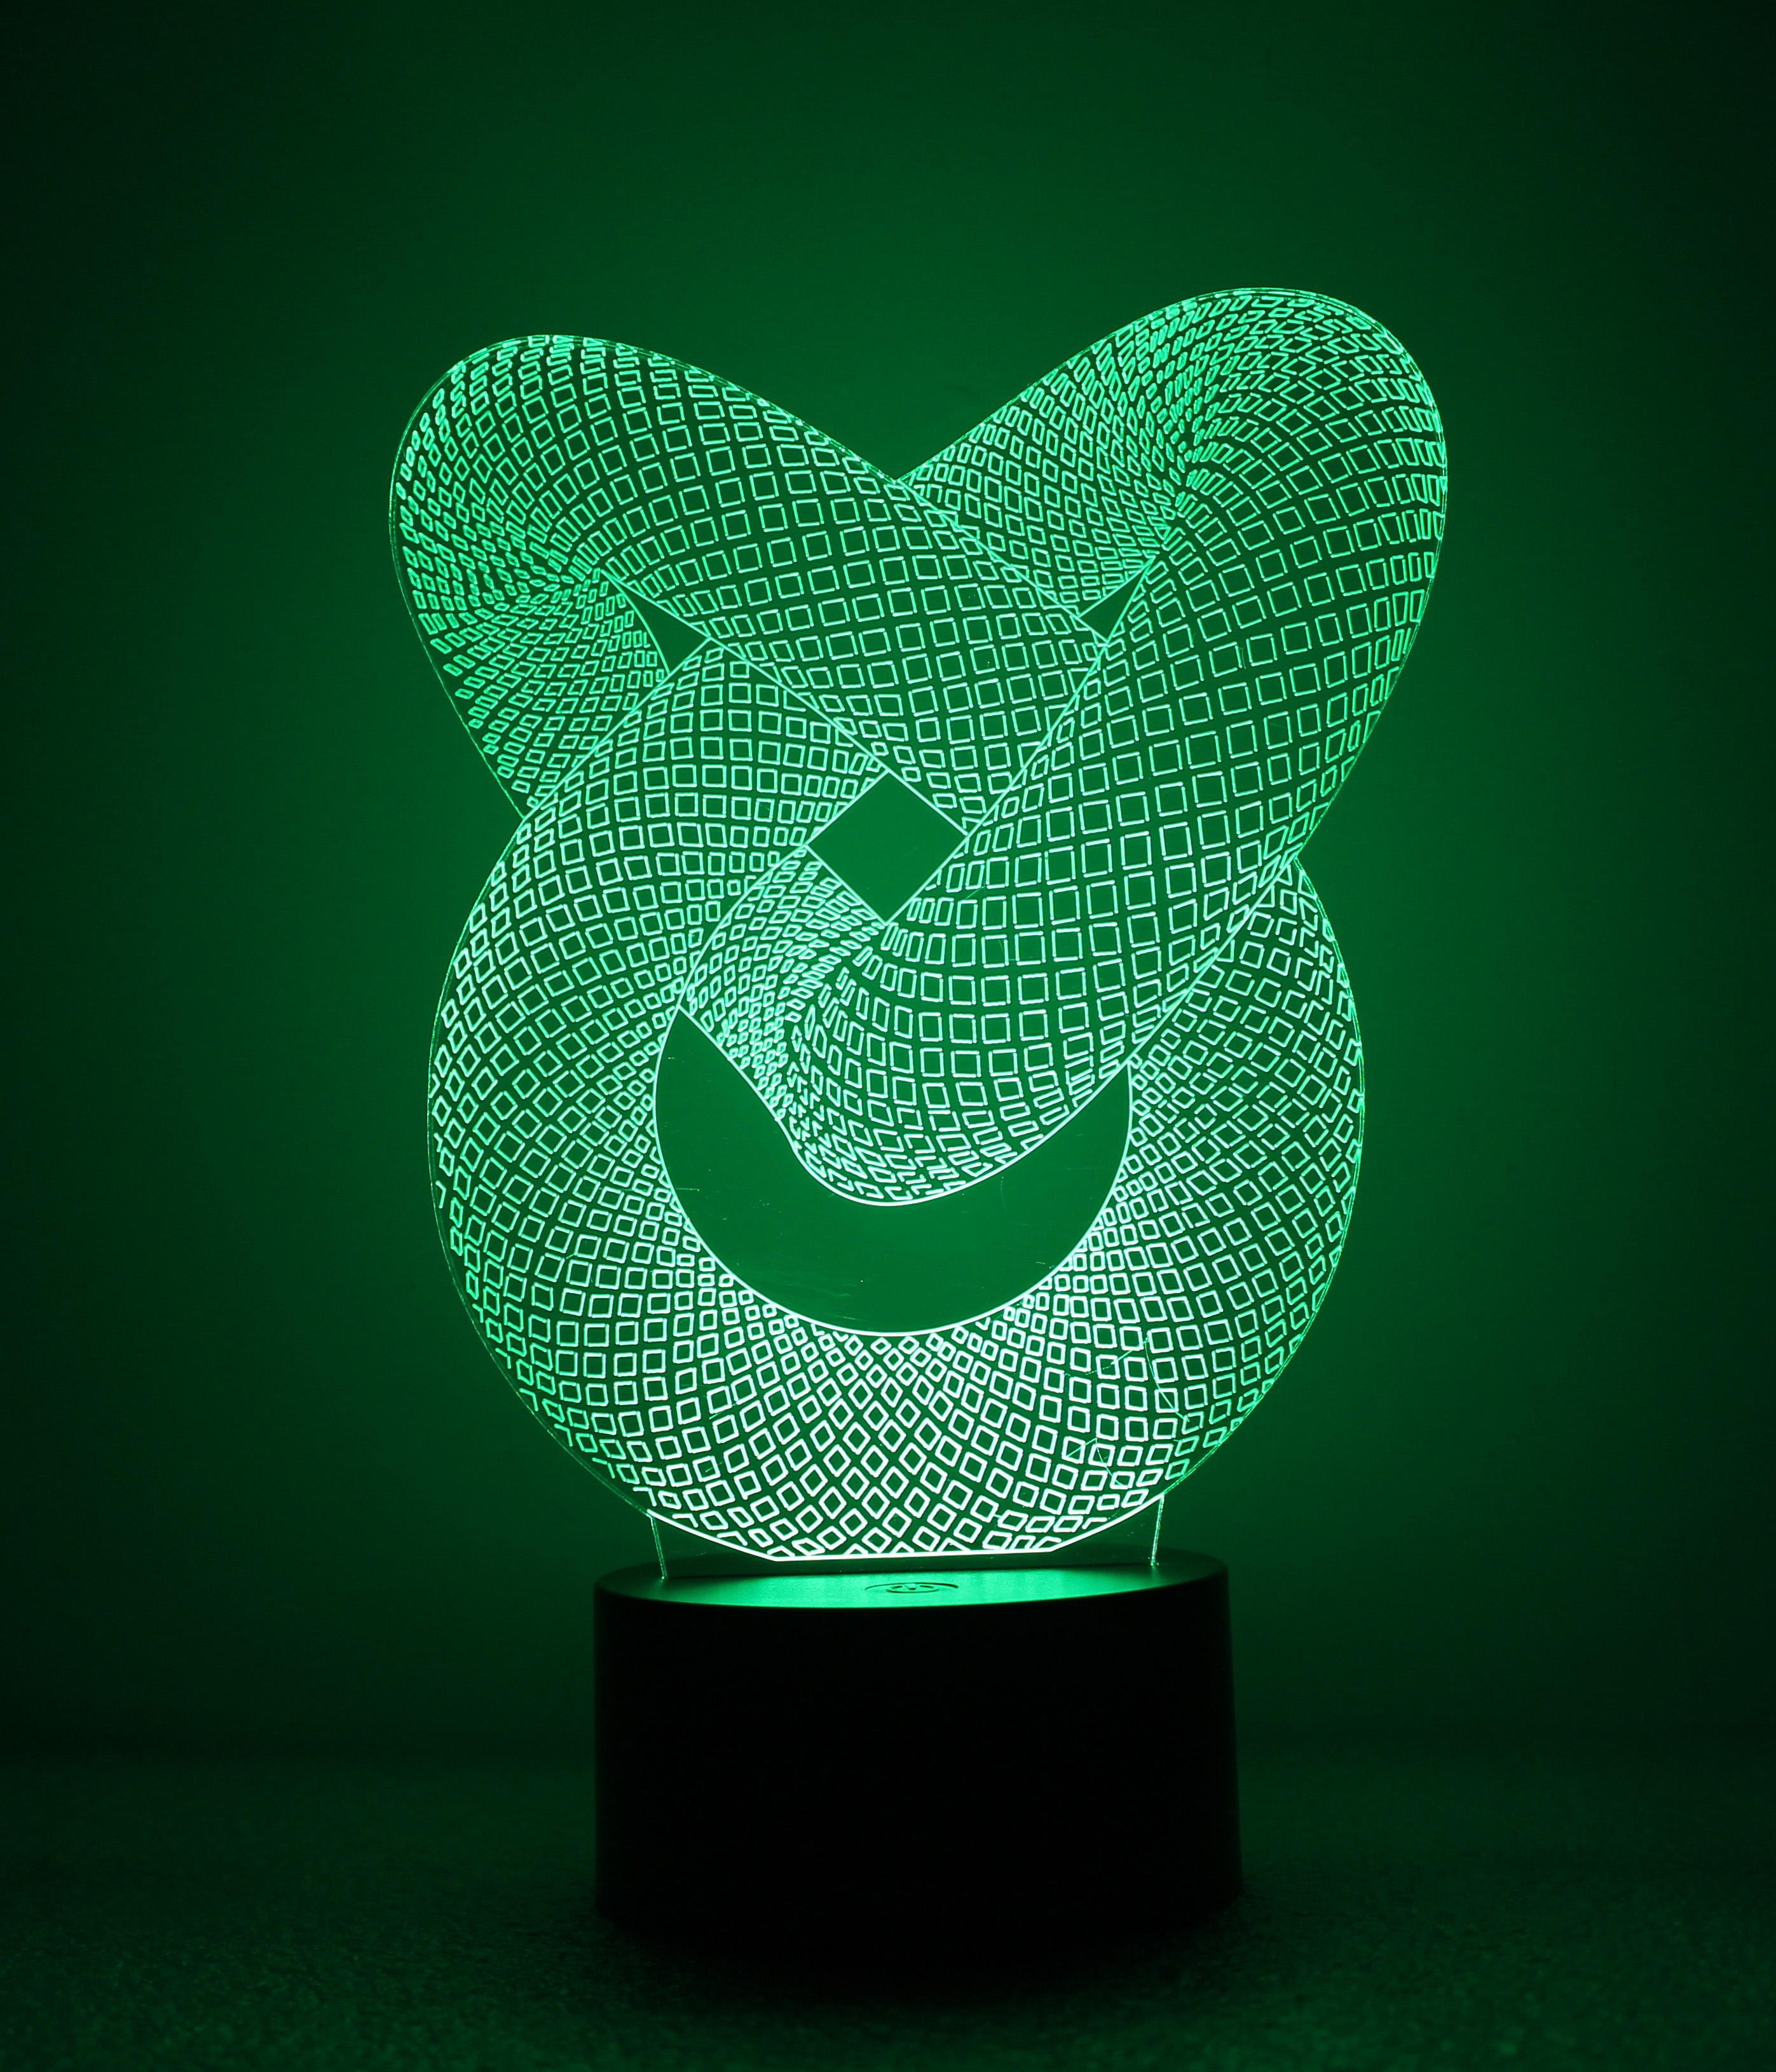 Đèn ngủ 3D - Vòng tròn lồng nhau công tắc cảm ứng